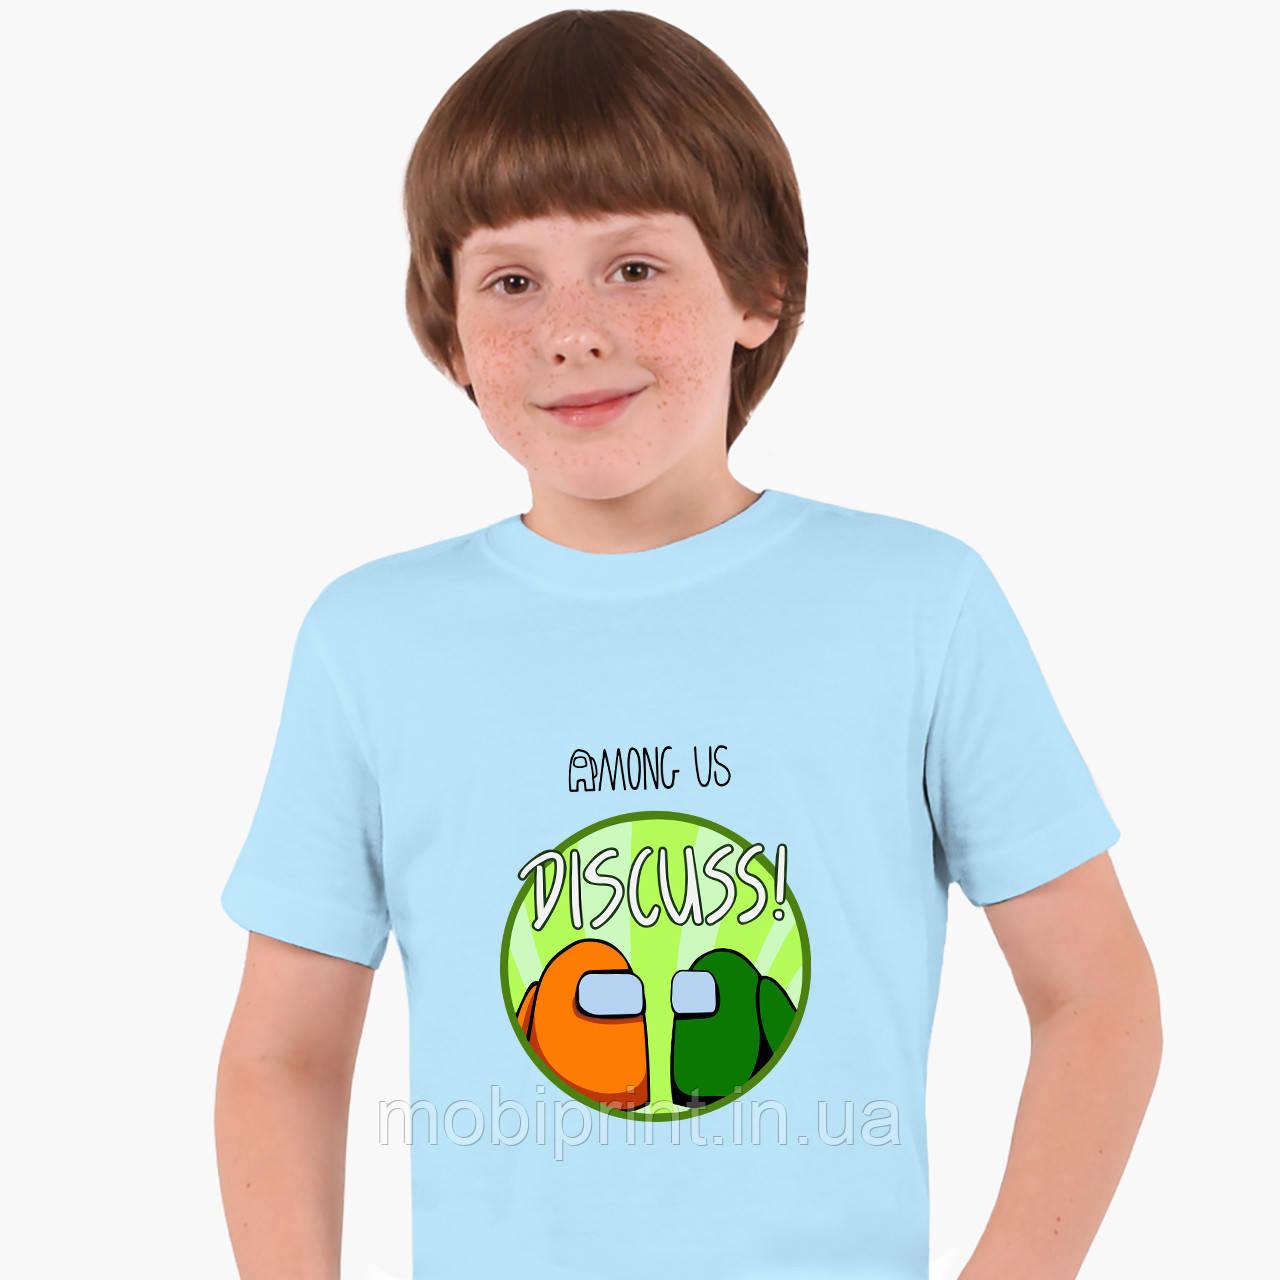 Детская футболка для мальчиков Амонг Ас (Among Us) (25186-2588) Голубой